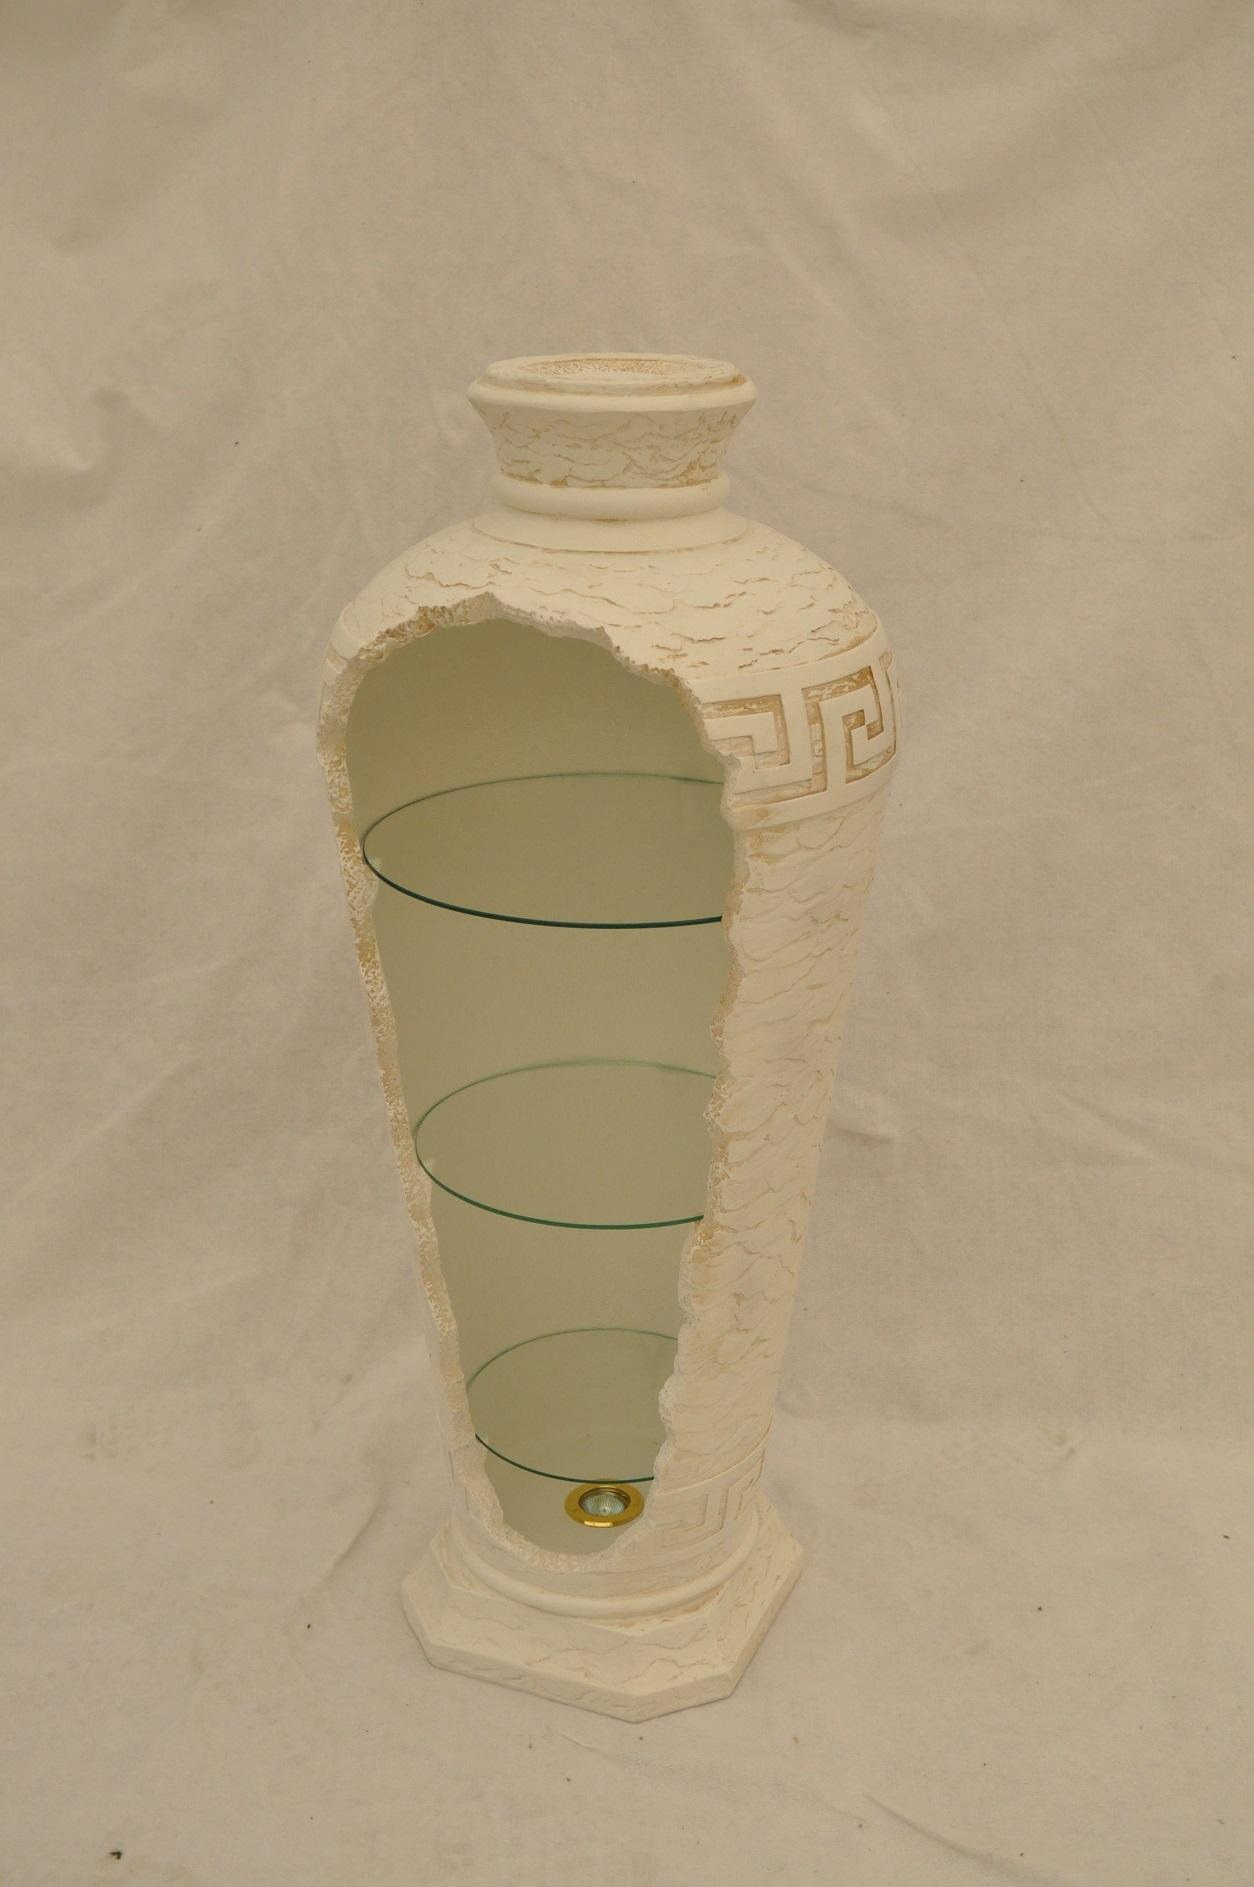 Dekorační Bar 127cm / Lampa - styl Versace / Zakázková výroba